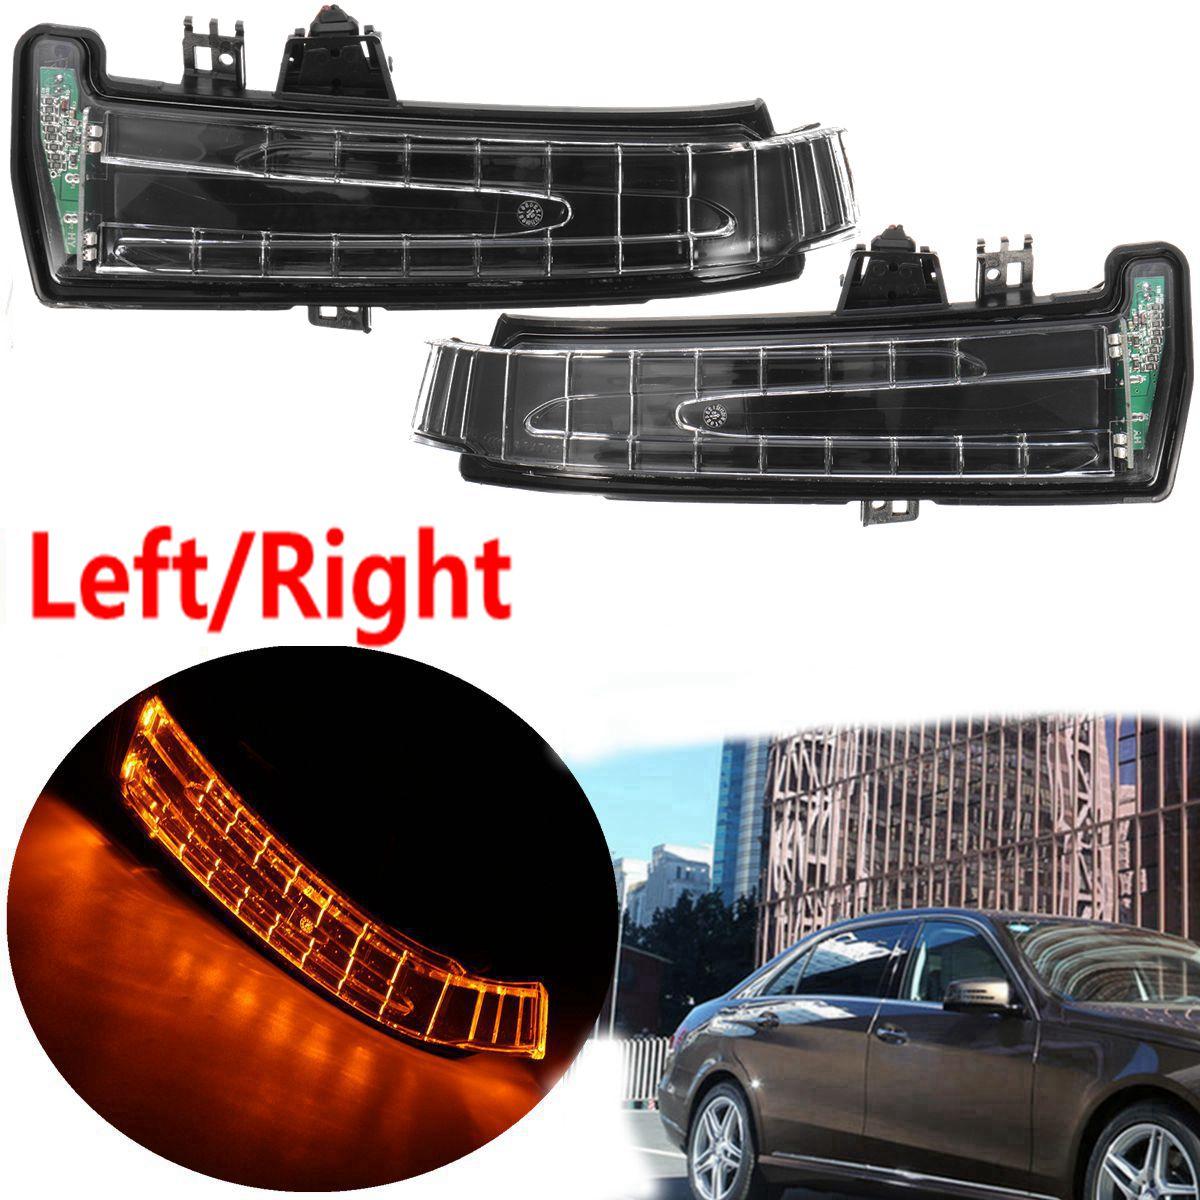 Paar Auto Rückspiegel Anzeige Lampe Blinker Licht Objektiv Für Mercedes W204 W212 W221 2010-2013